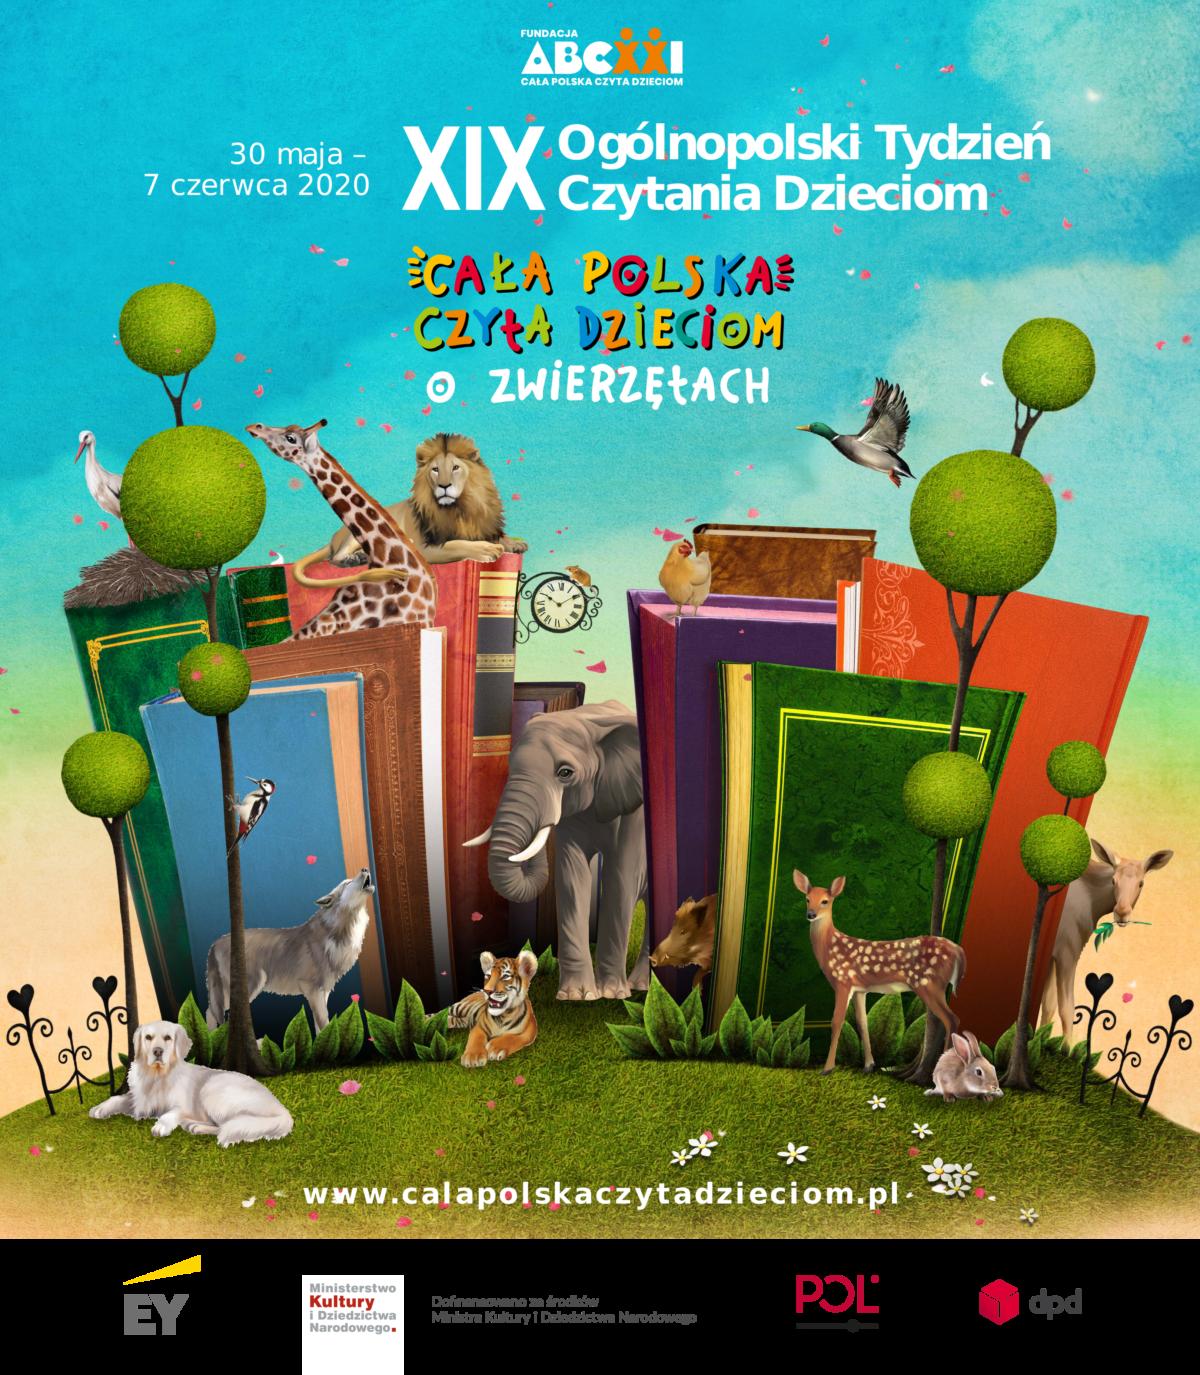 XIX Ogólnopolski Tydzień Czytania Dzieciom (30 maja -7 czerwca)